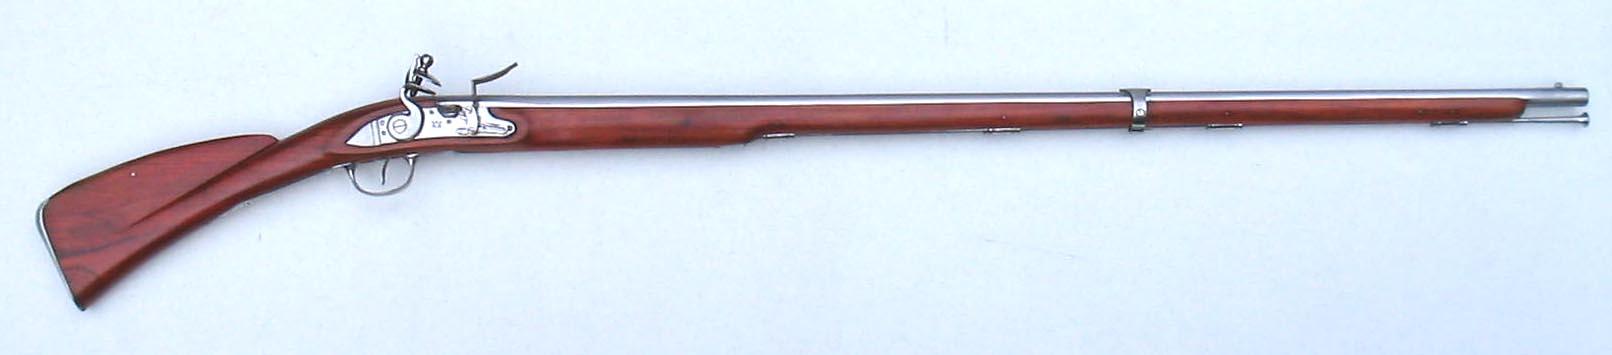 Doc sur Fusil de dragon époque 1700  M17FR_full